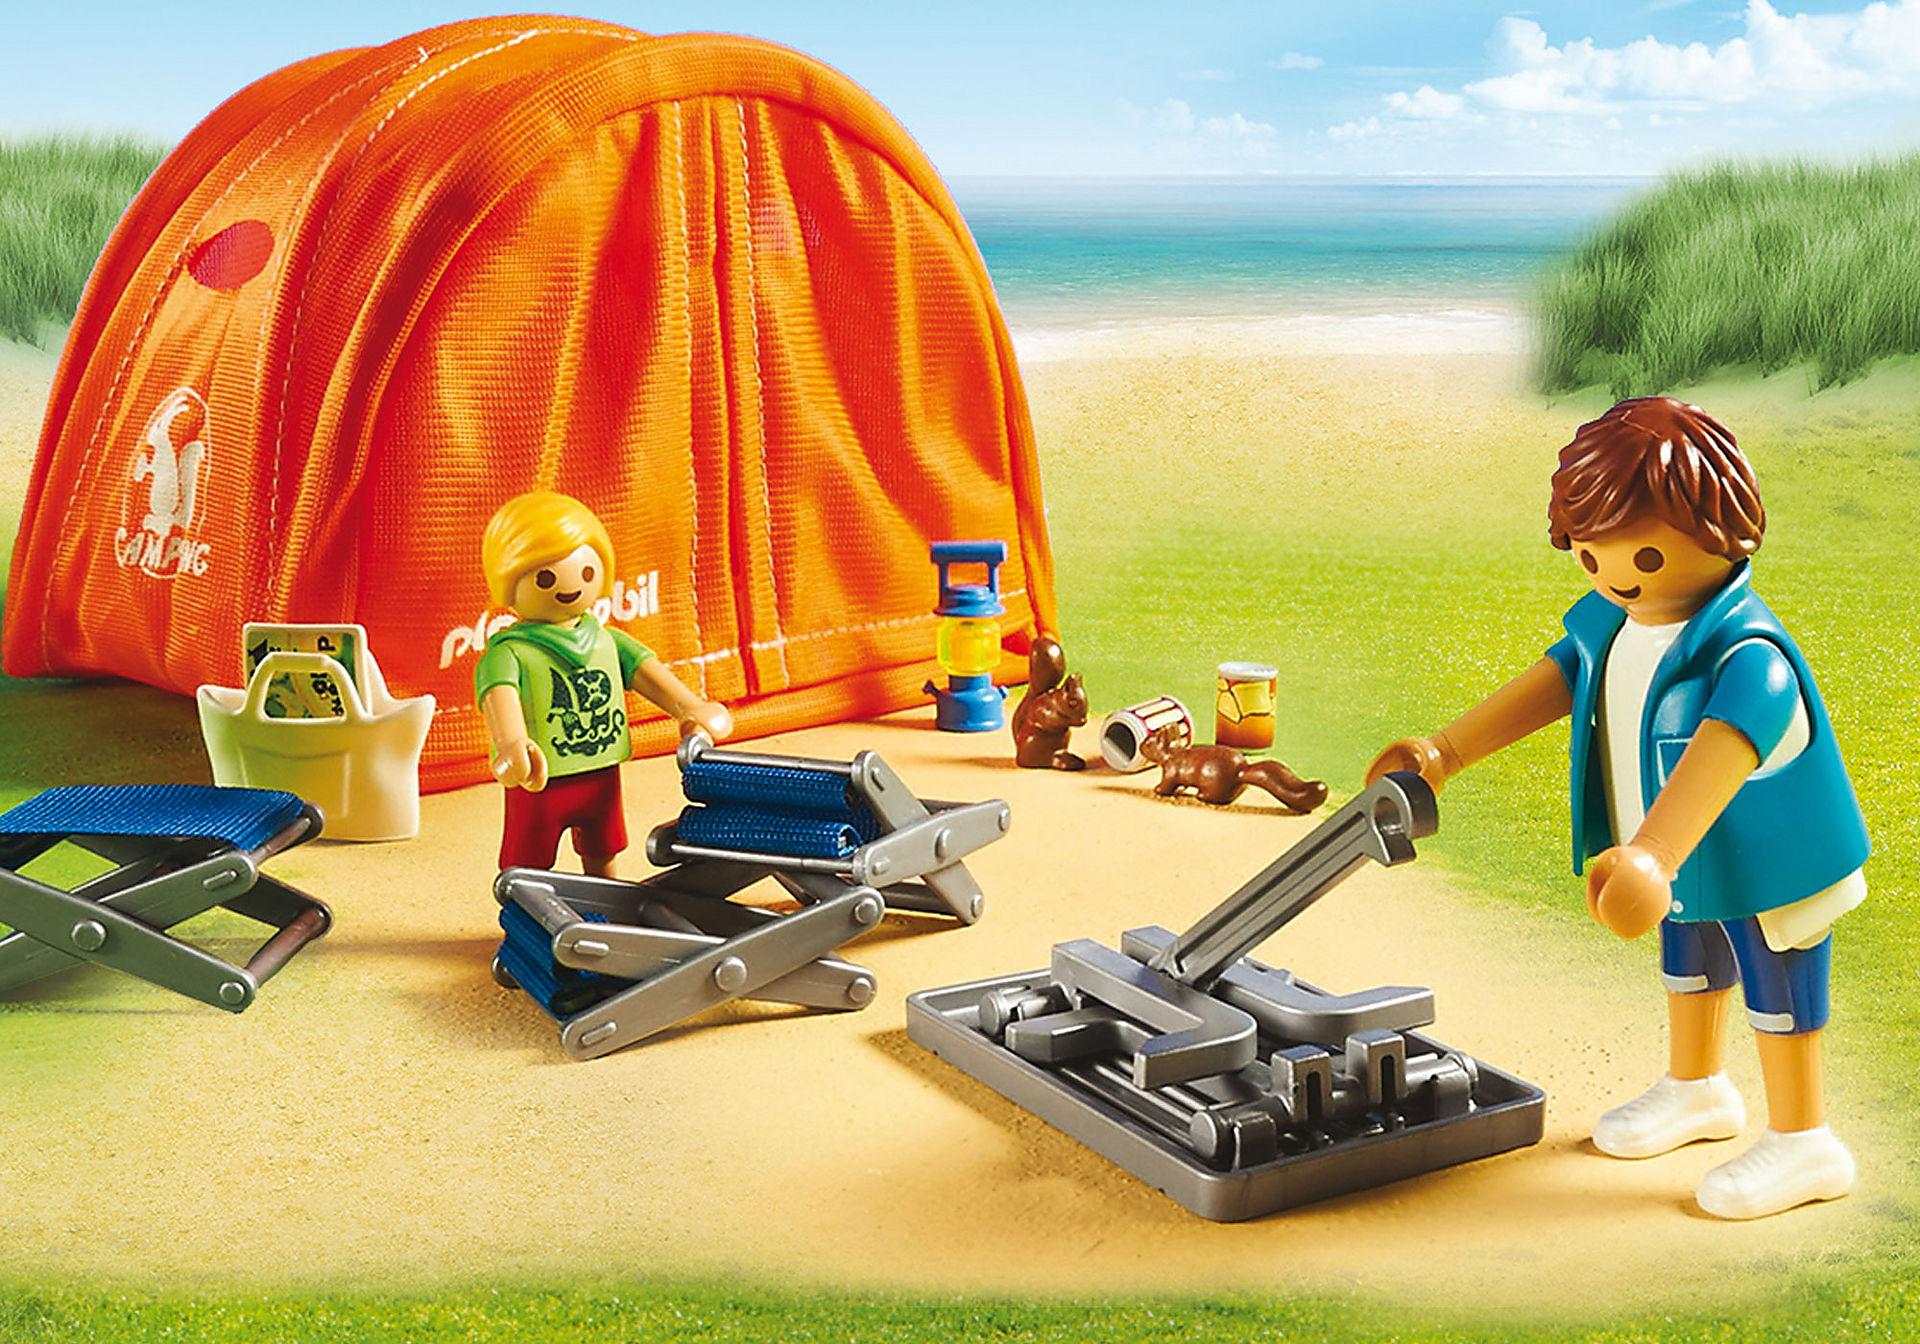 http://media.playmobil.com/i/playmobil/70089_product_extra2/Tente et campeurs